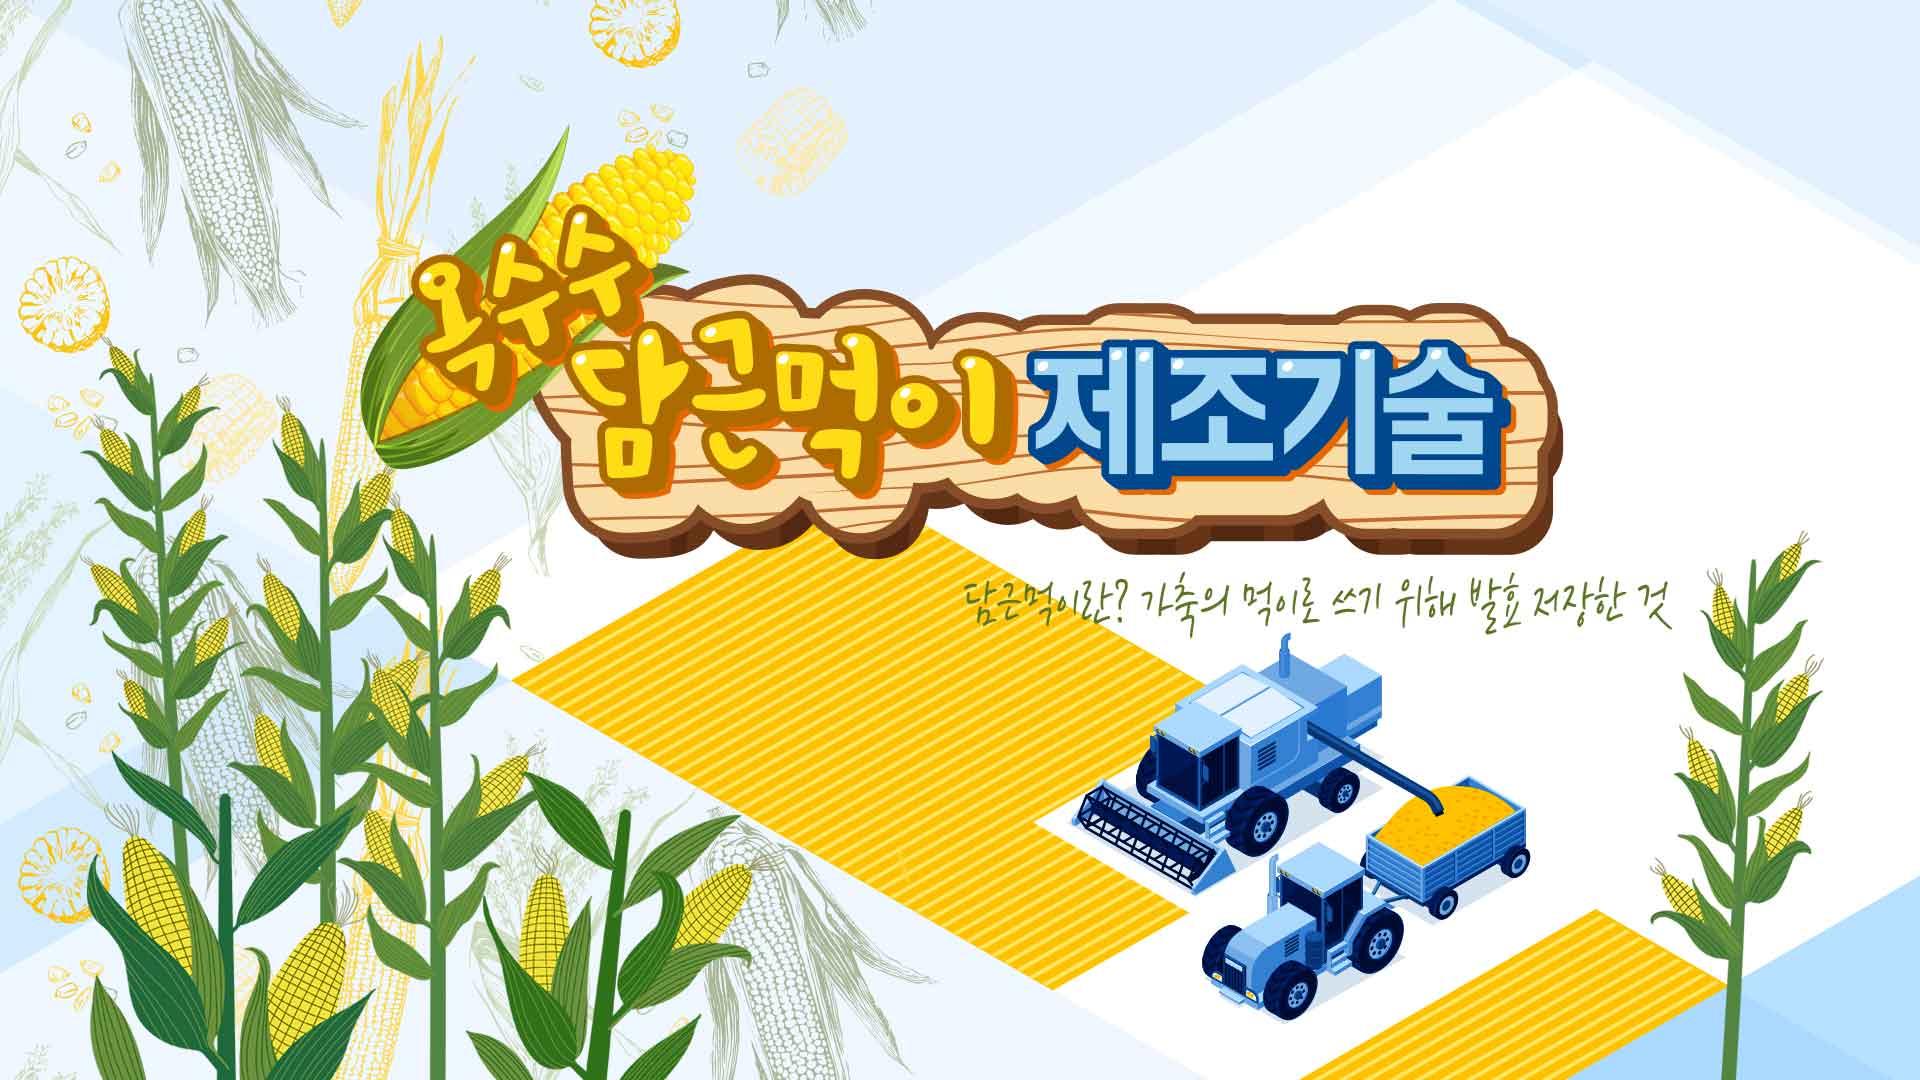 옥수수 담근먹이 제조기술